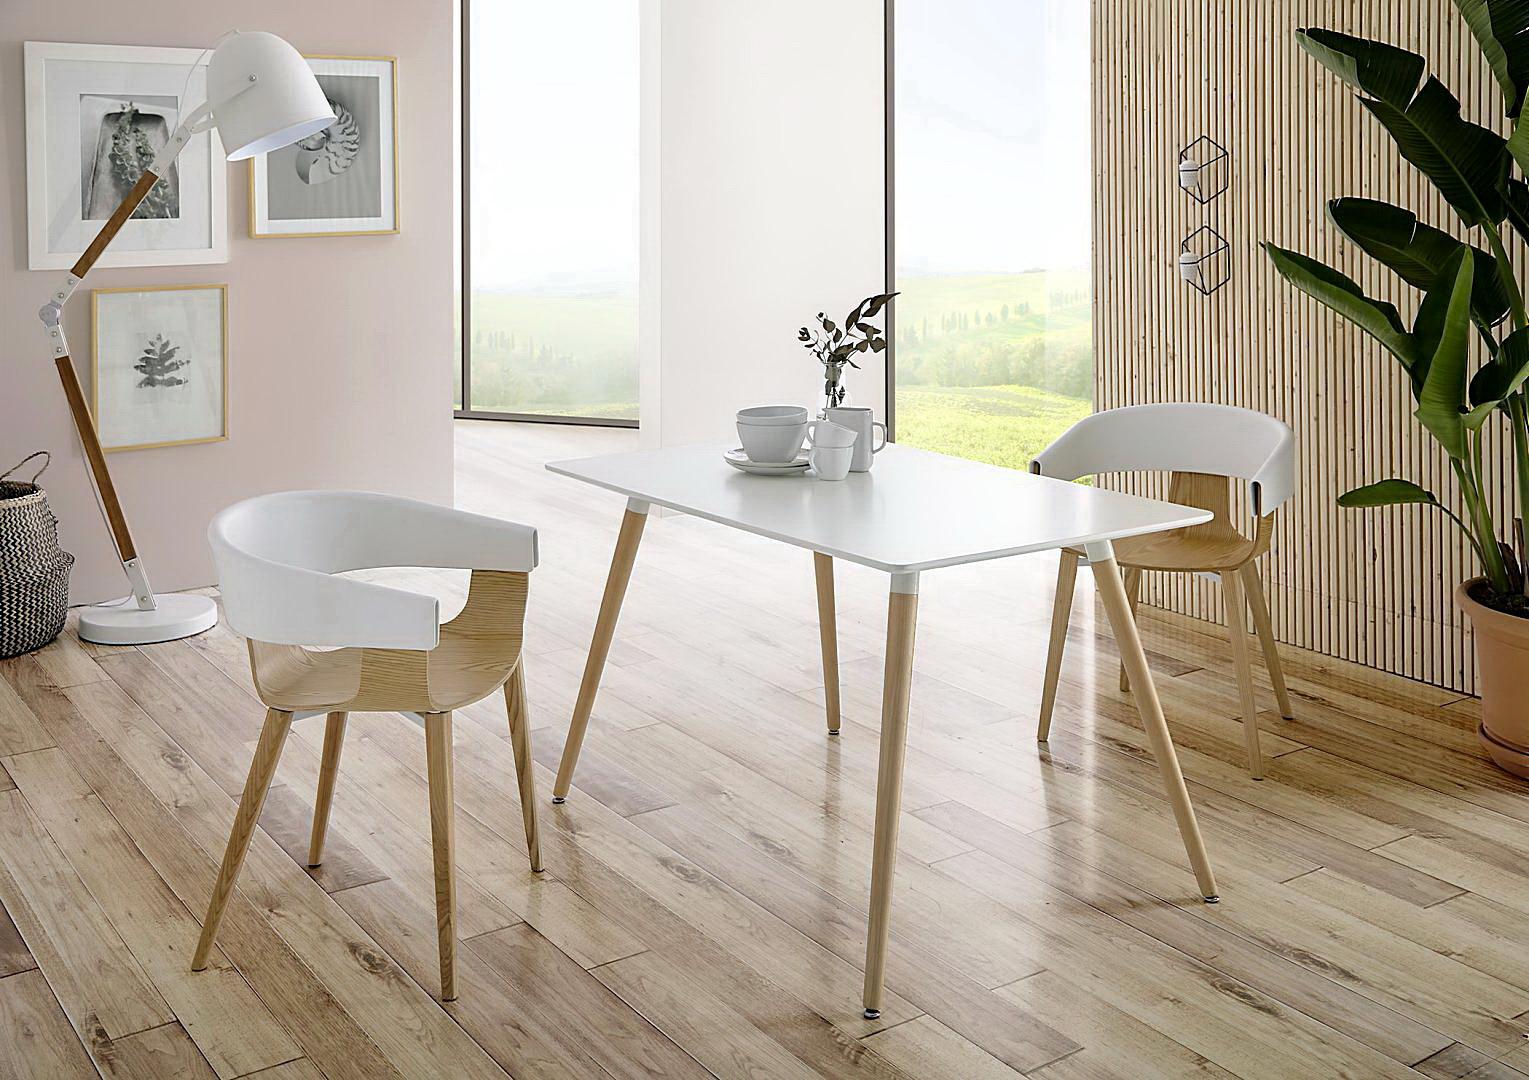 Mesas comedor estilo n rdico by dugarhome muebles anto n for Muebles mesas y sillas